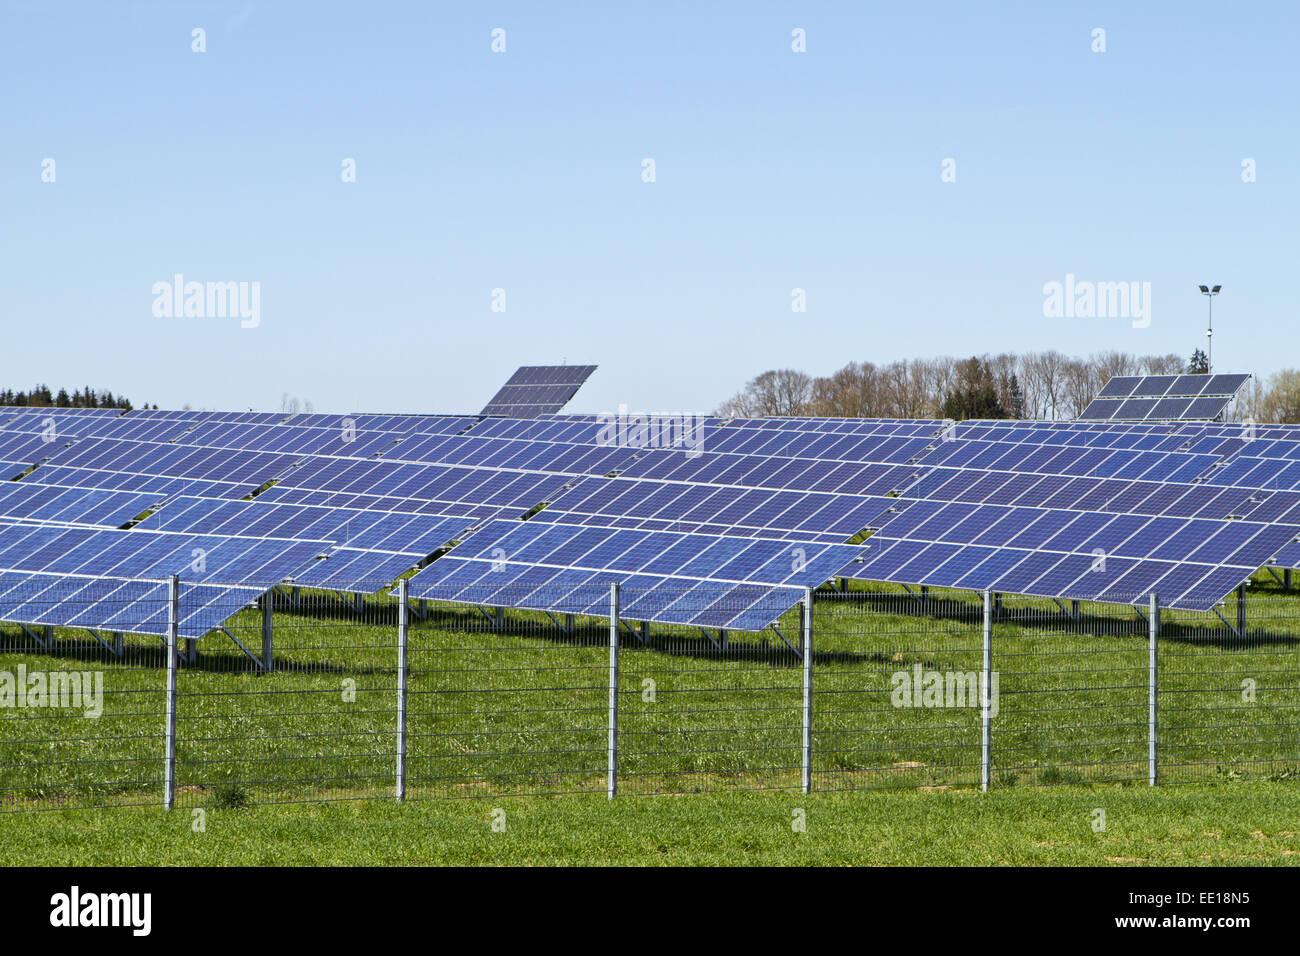 Solarcampus, Solarstromanlage bei Eberstalzell in Österreich, Solar Power, alternative energy, renewable, research, - Stock Image